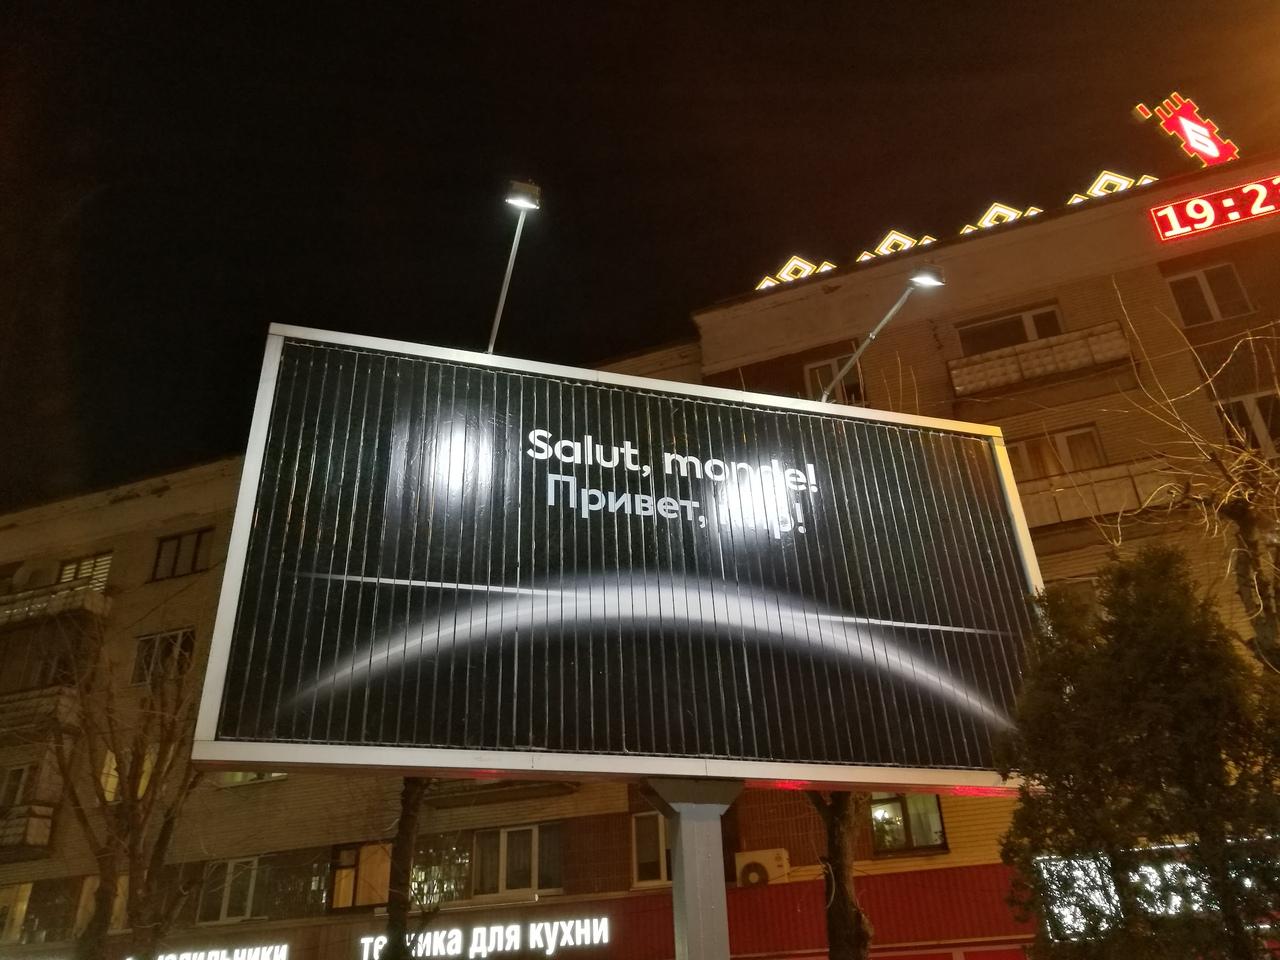 """И опять эта странная реклама, только уже не китайская... """"Привет, мир!"""""""